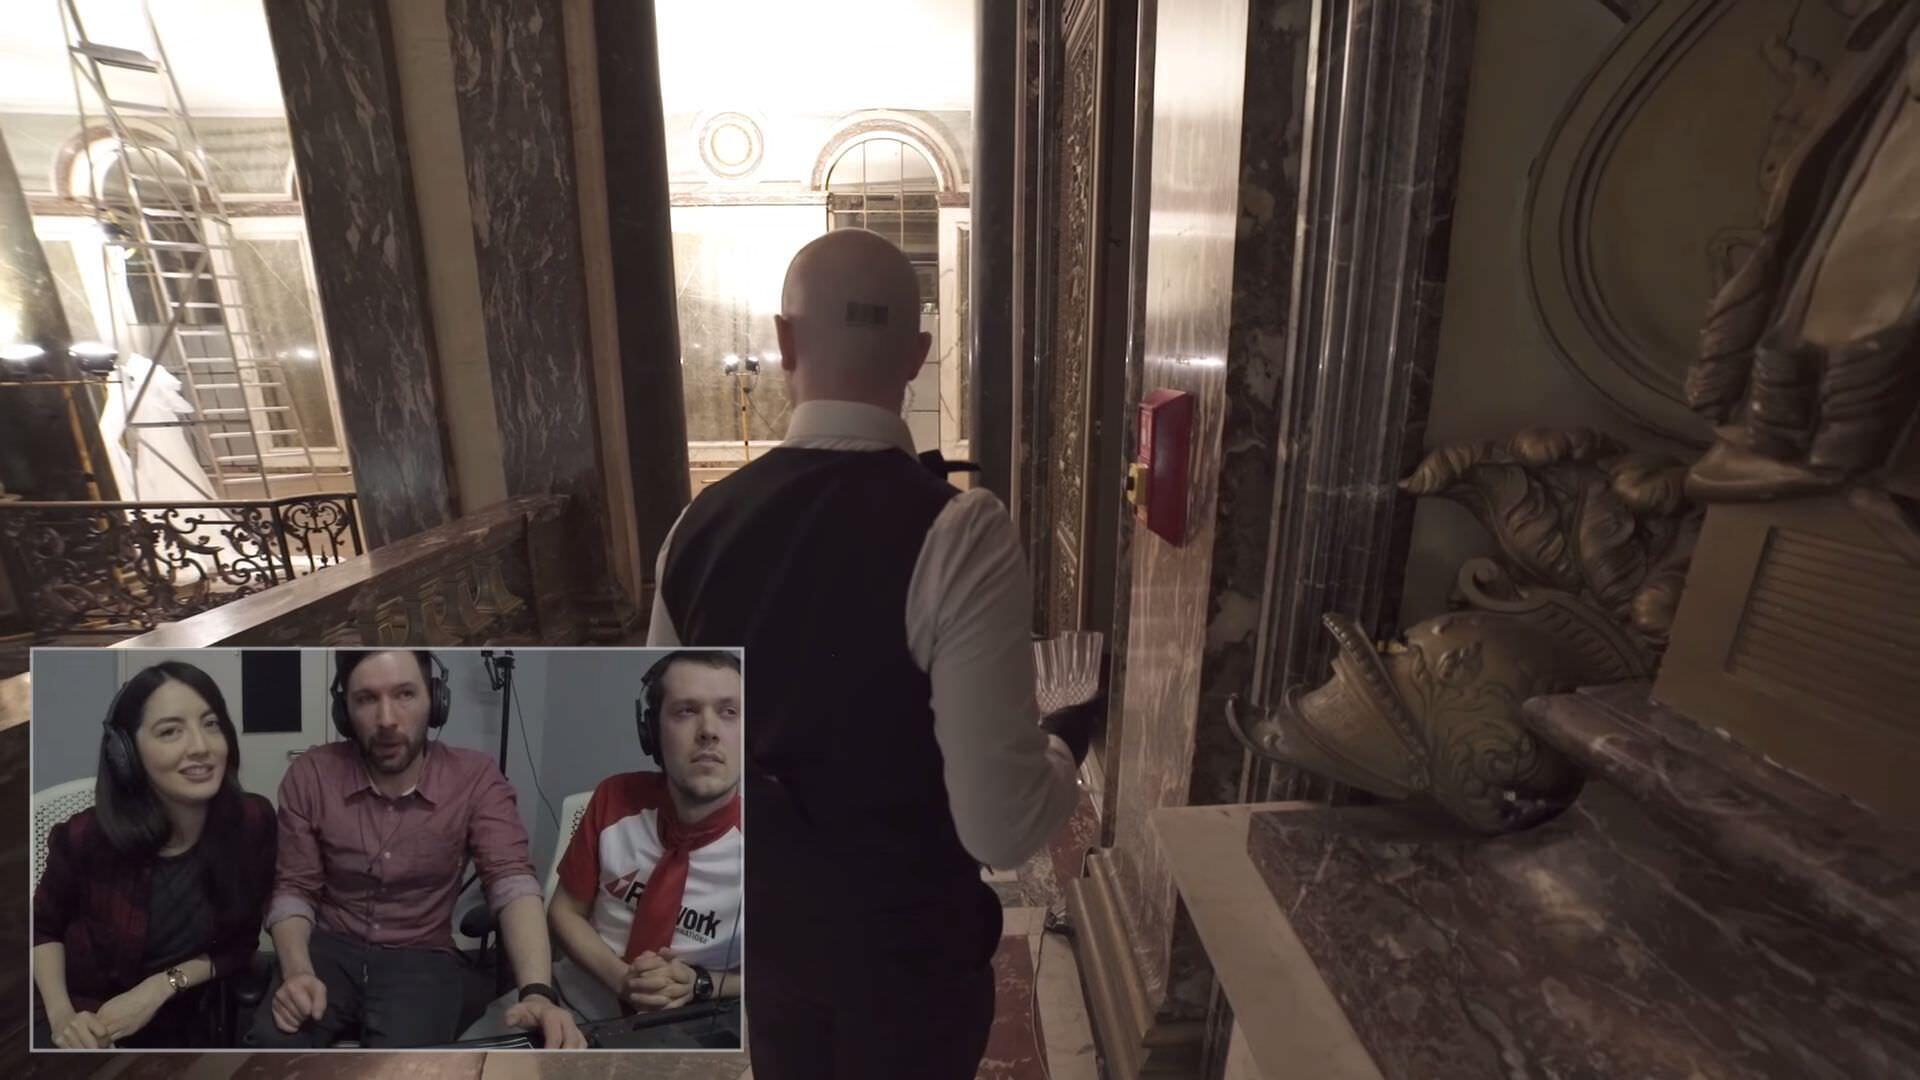 リアル世界でゲーム「HITMAN」を指示するオペレーターを体験する